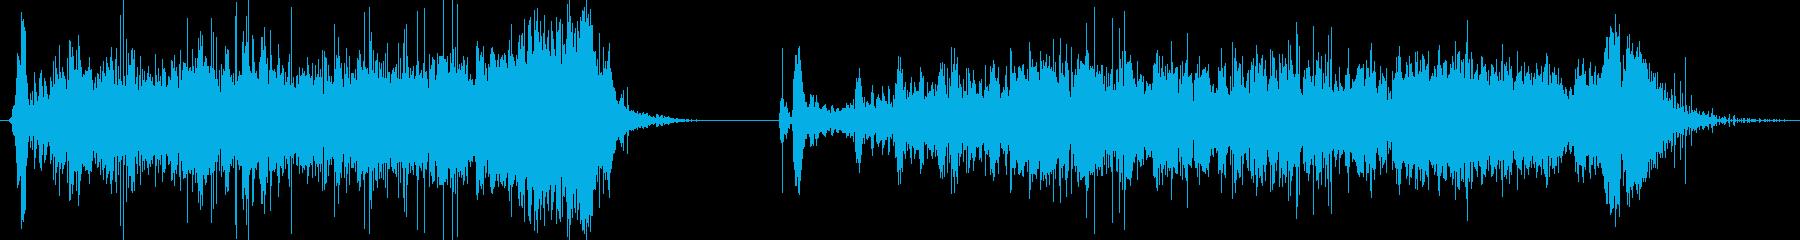 フィクション 電力装置 崩壊05の再生済みの波形